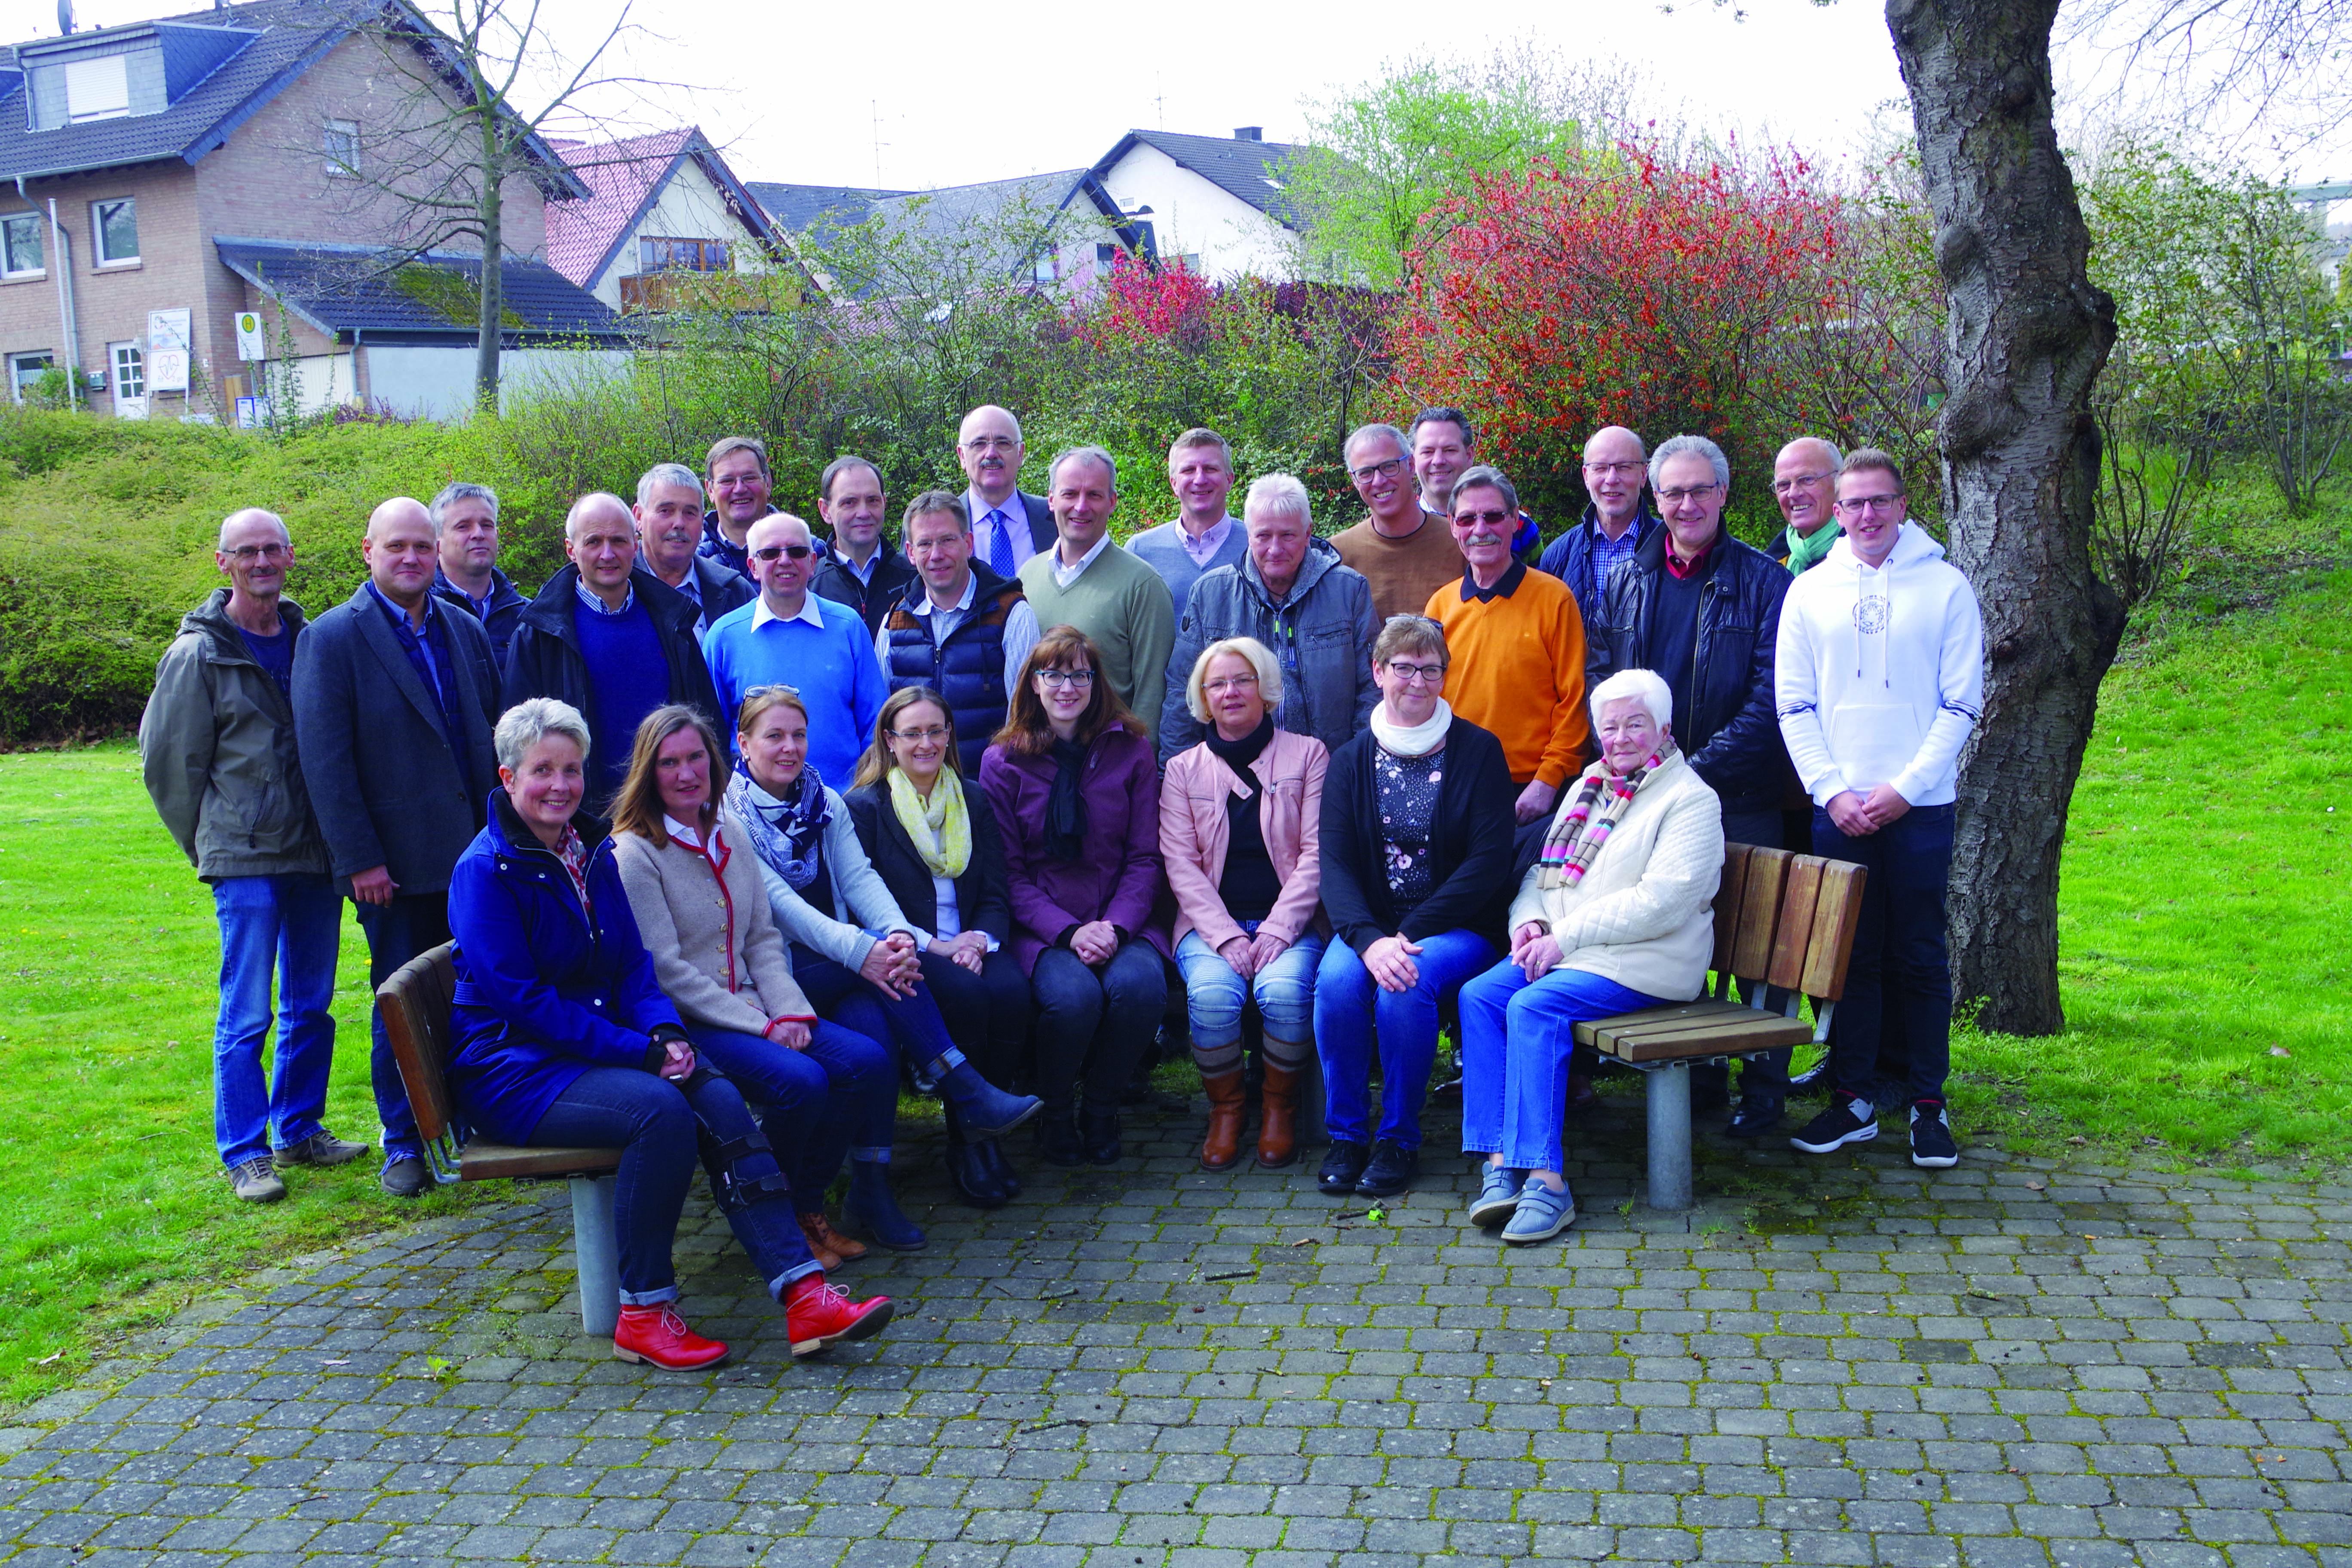 Freie Wählergruppe stellt Kandidatenliste für Verbandsgemeinderat Bad Breisig auf